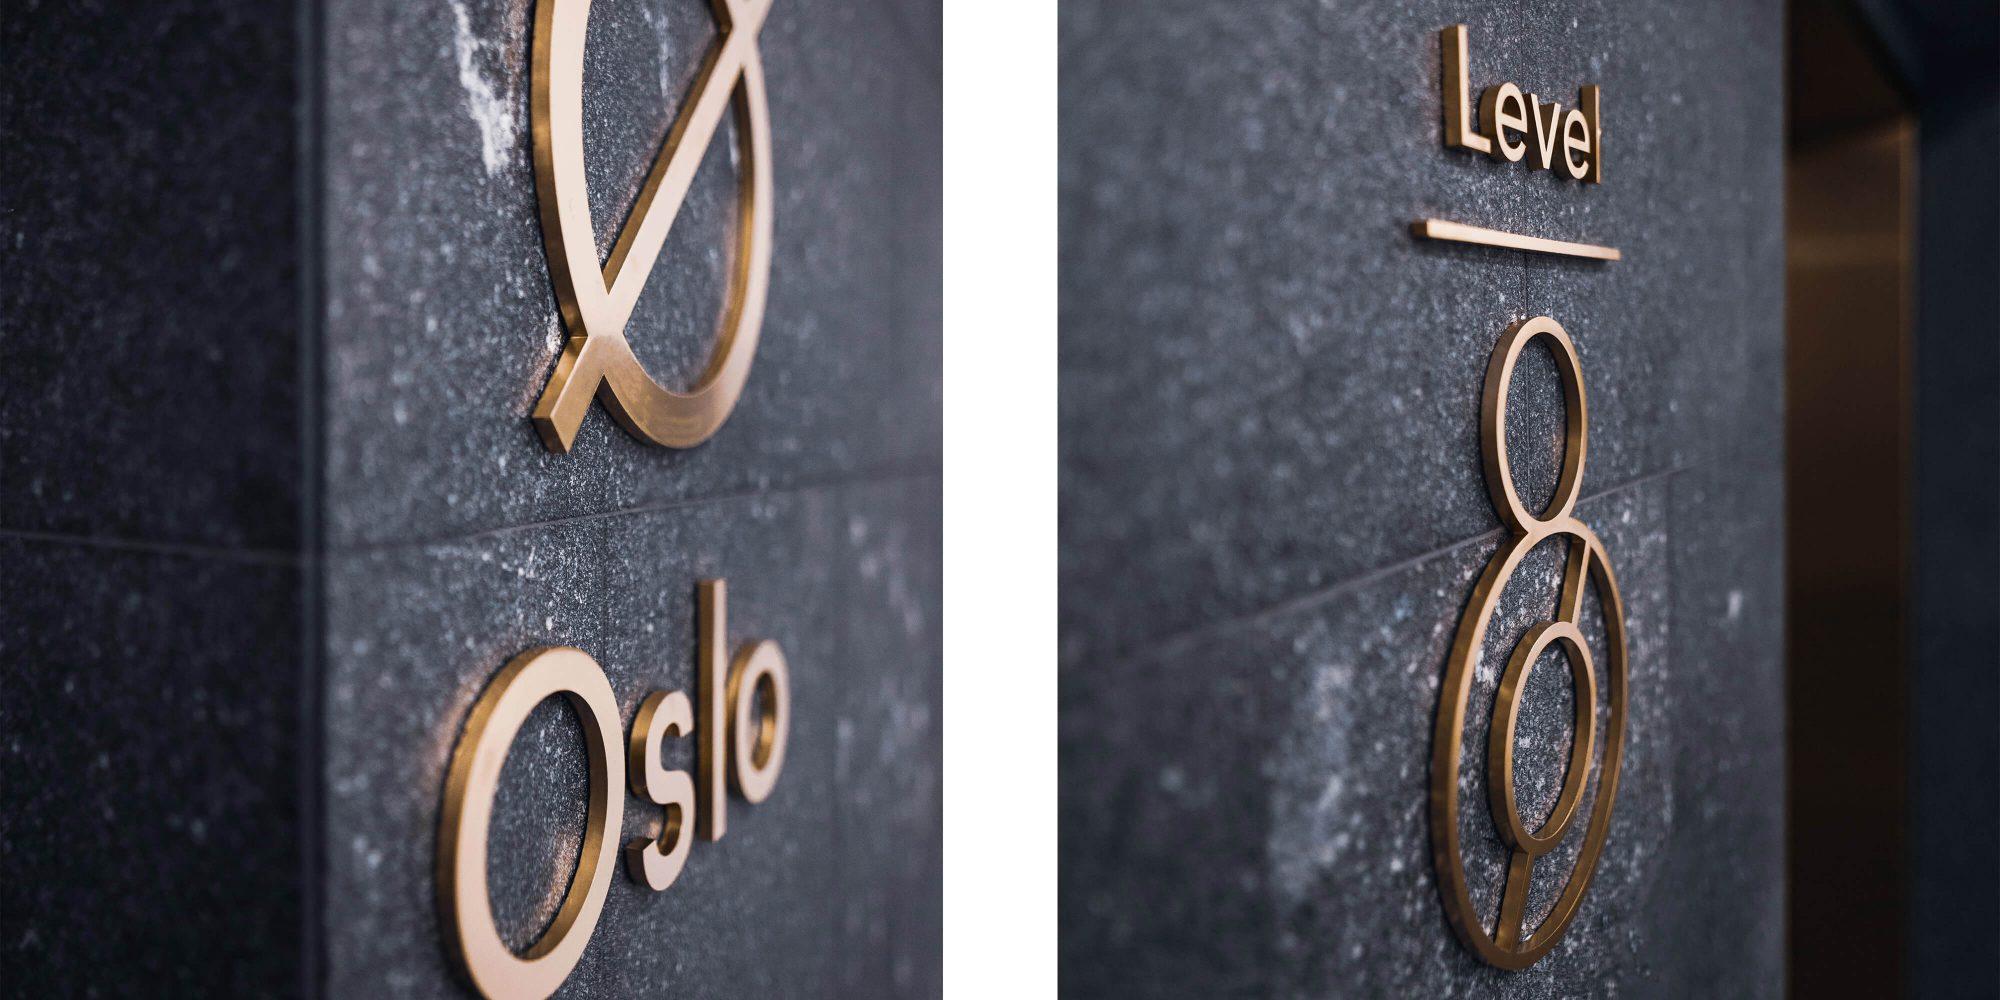 住宅公寓大楼标识设计©bleux